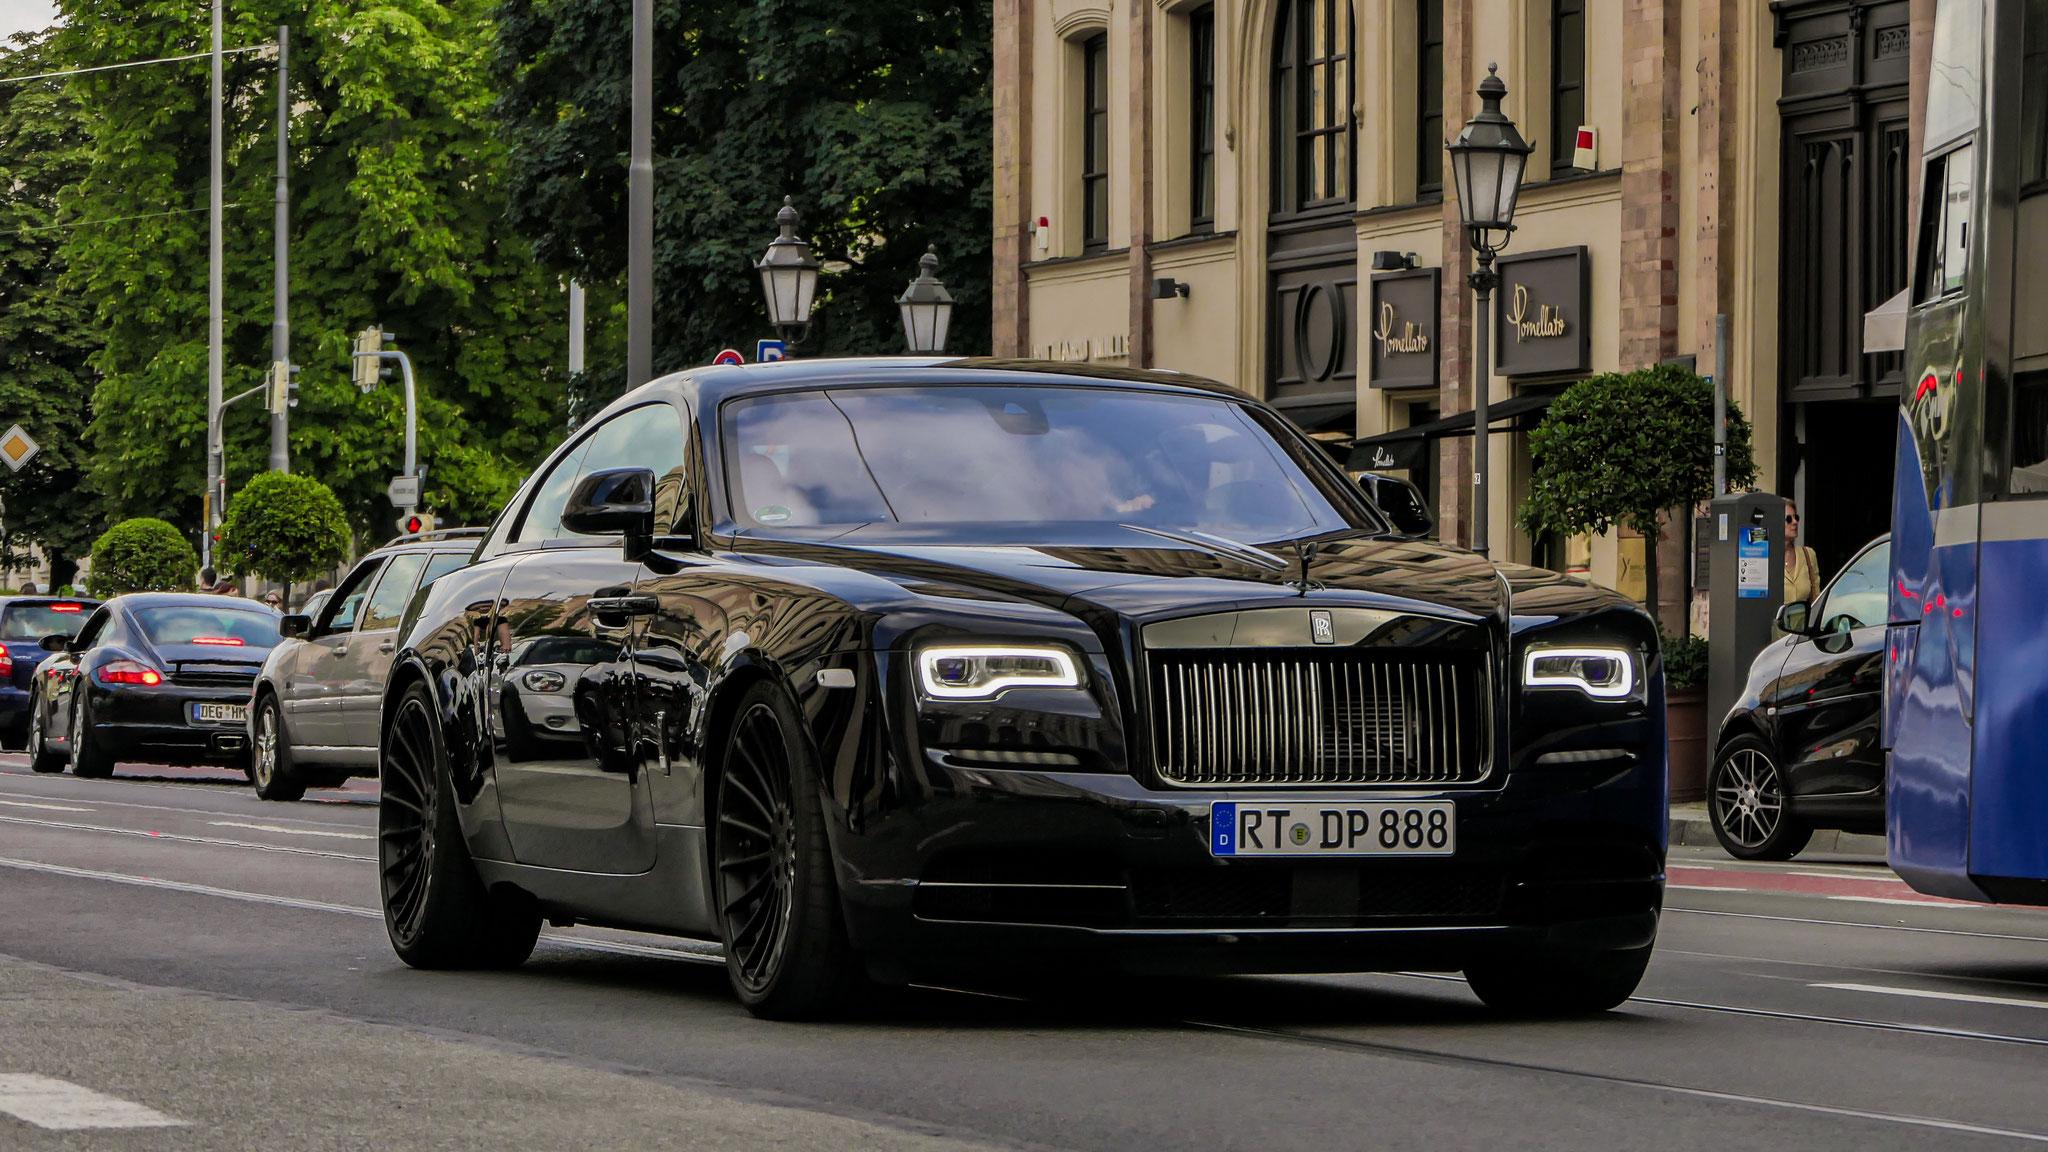 Rolls Royce Wraith - RT-DP-888